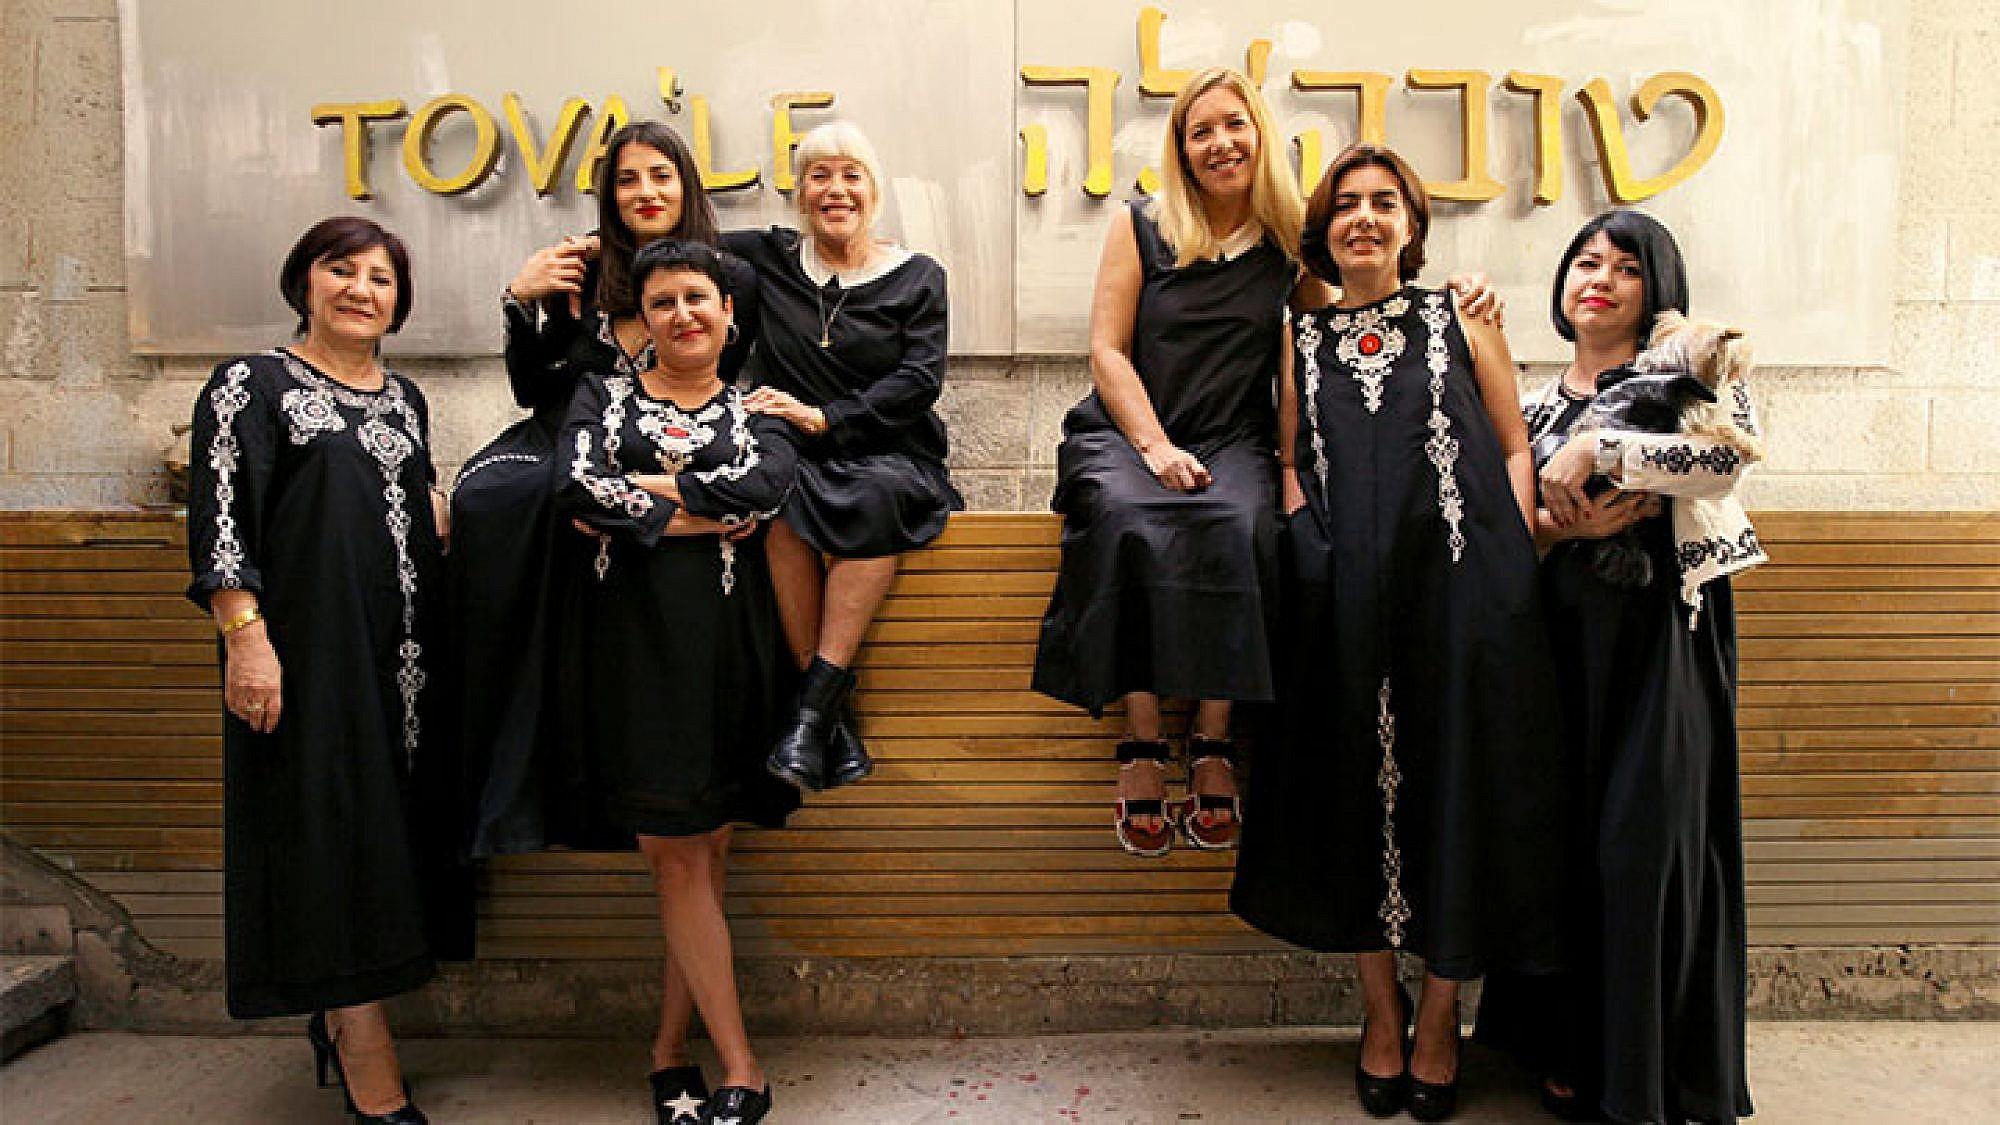 הצוות של טובה'לה חסין לובש טובה'לה | צילום: נועה יפה | ניהול קריאייטיב: טל קליינבורט | איפור: מרים גרוסברד, נלה סטרונגין | שיער: ענבל לובלין